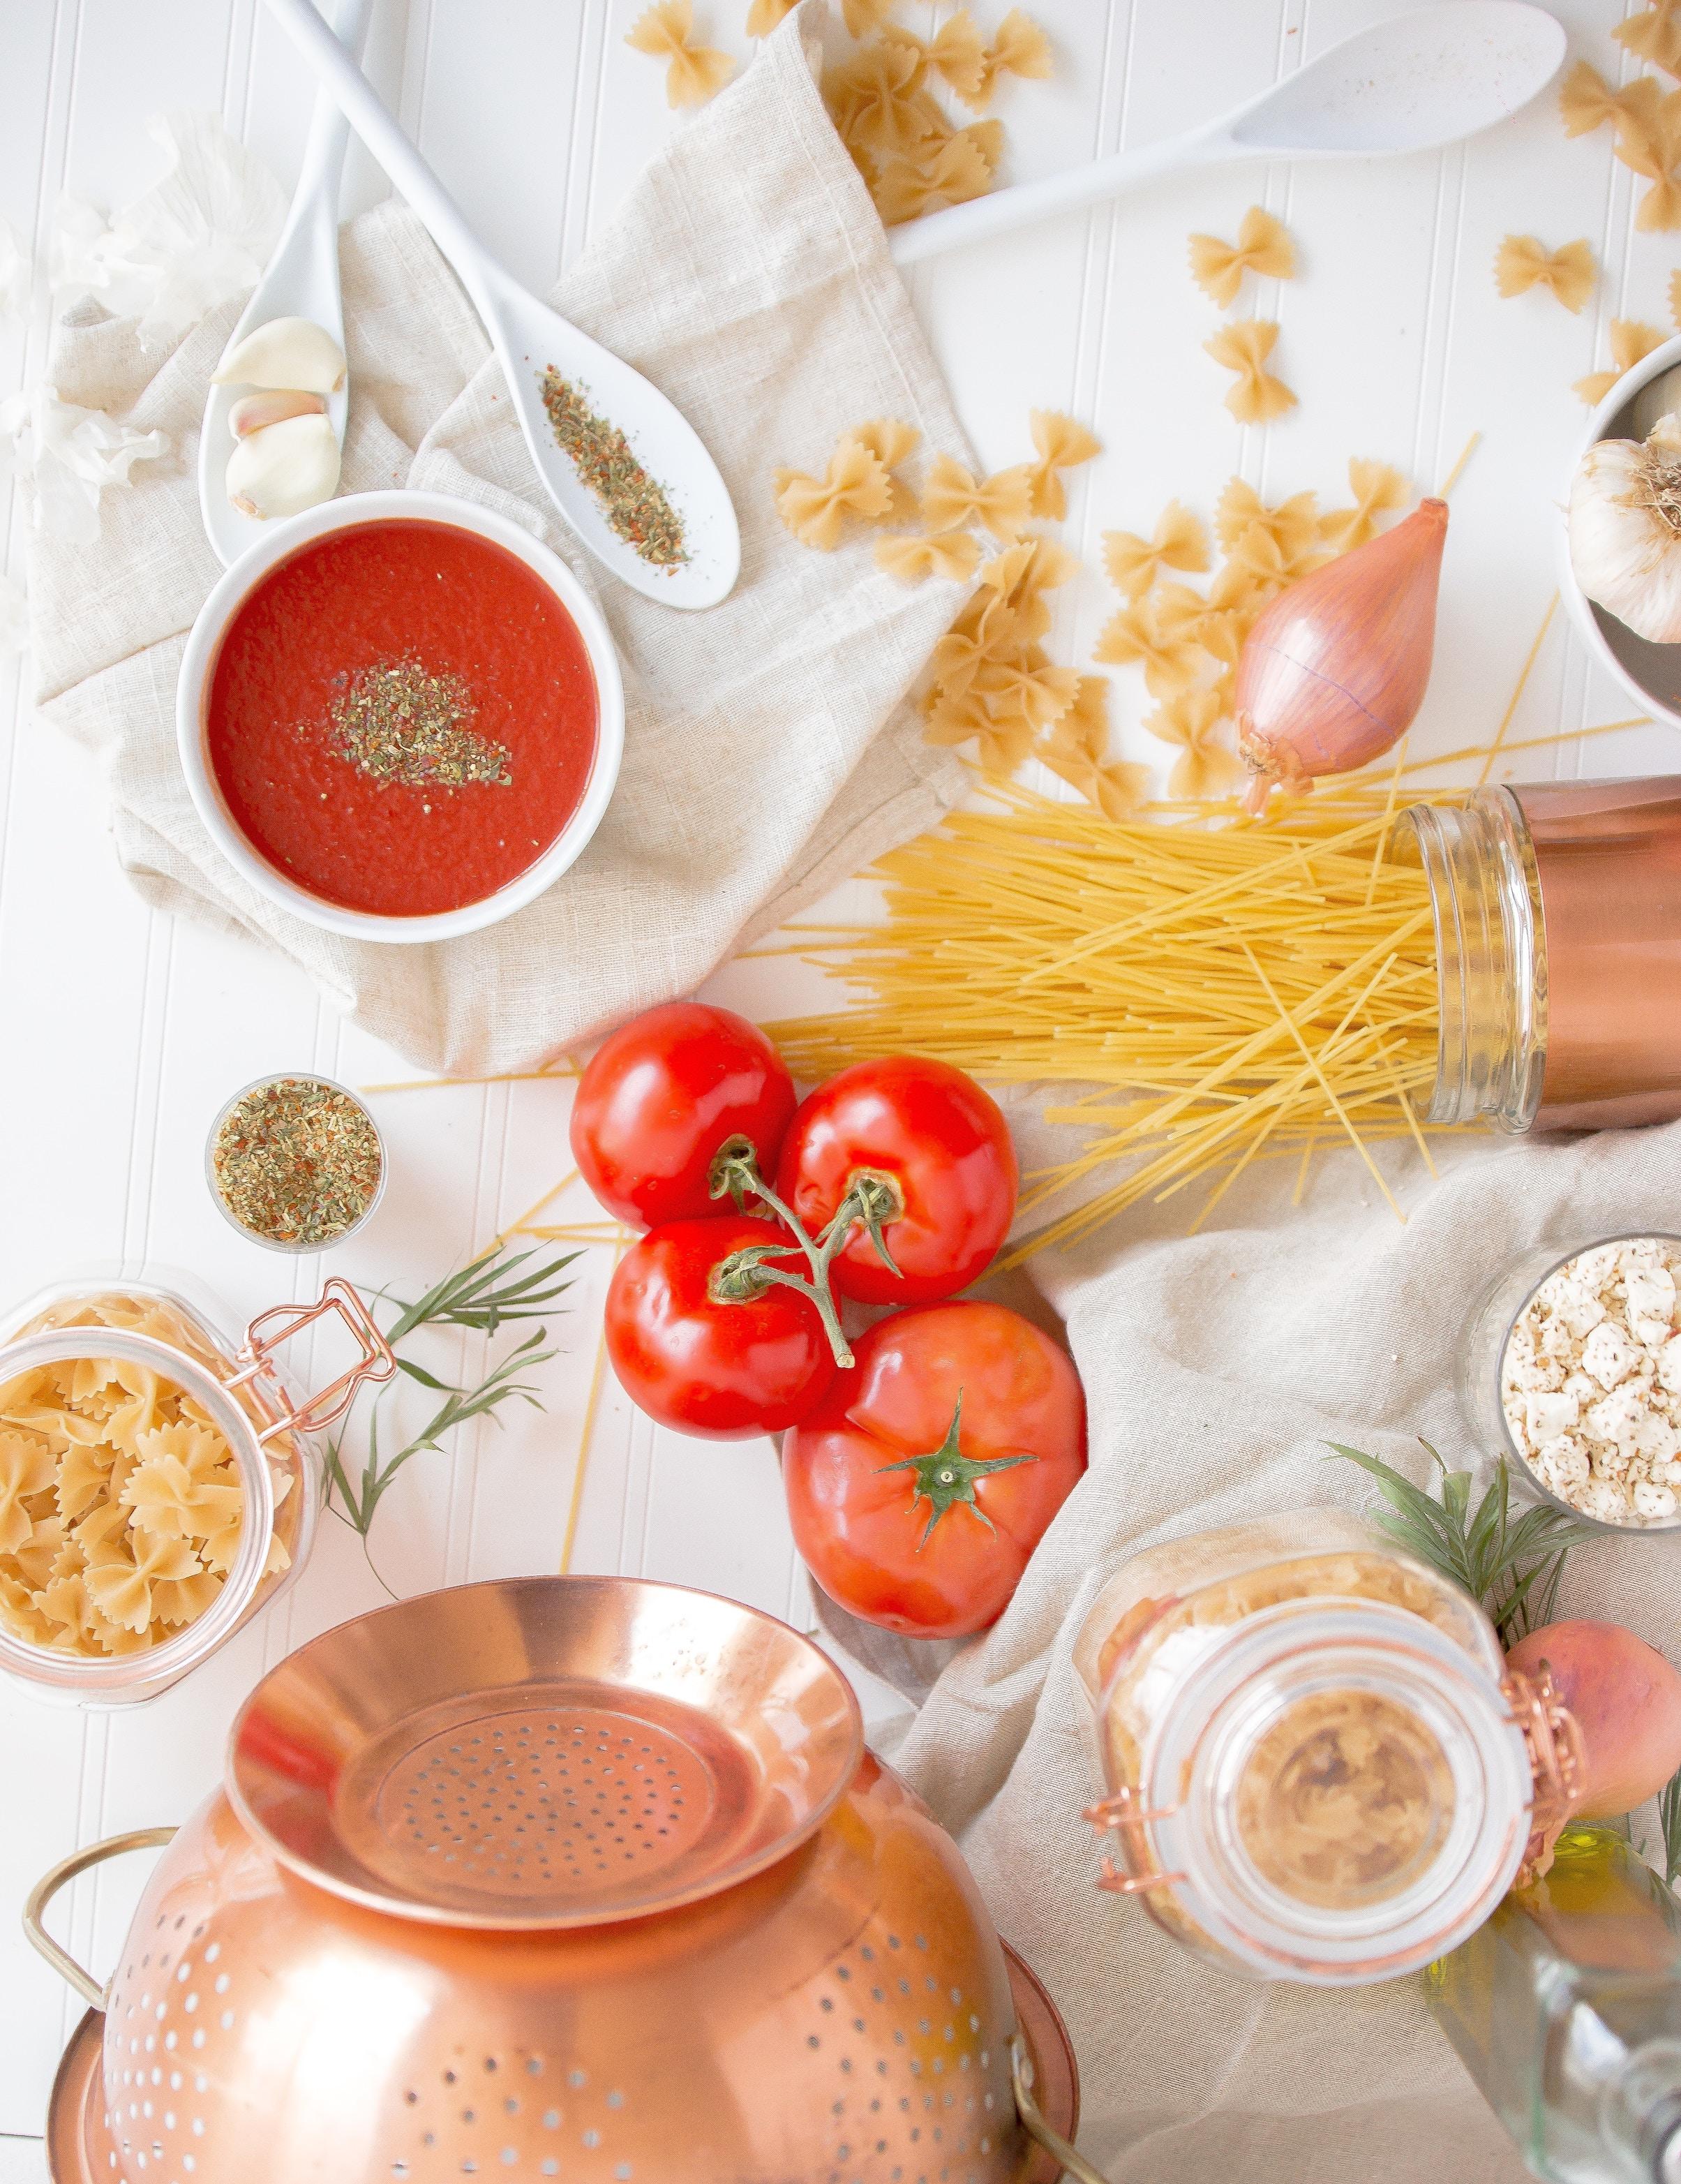 Food Importer & Wholesaler